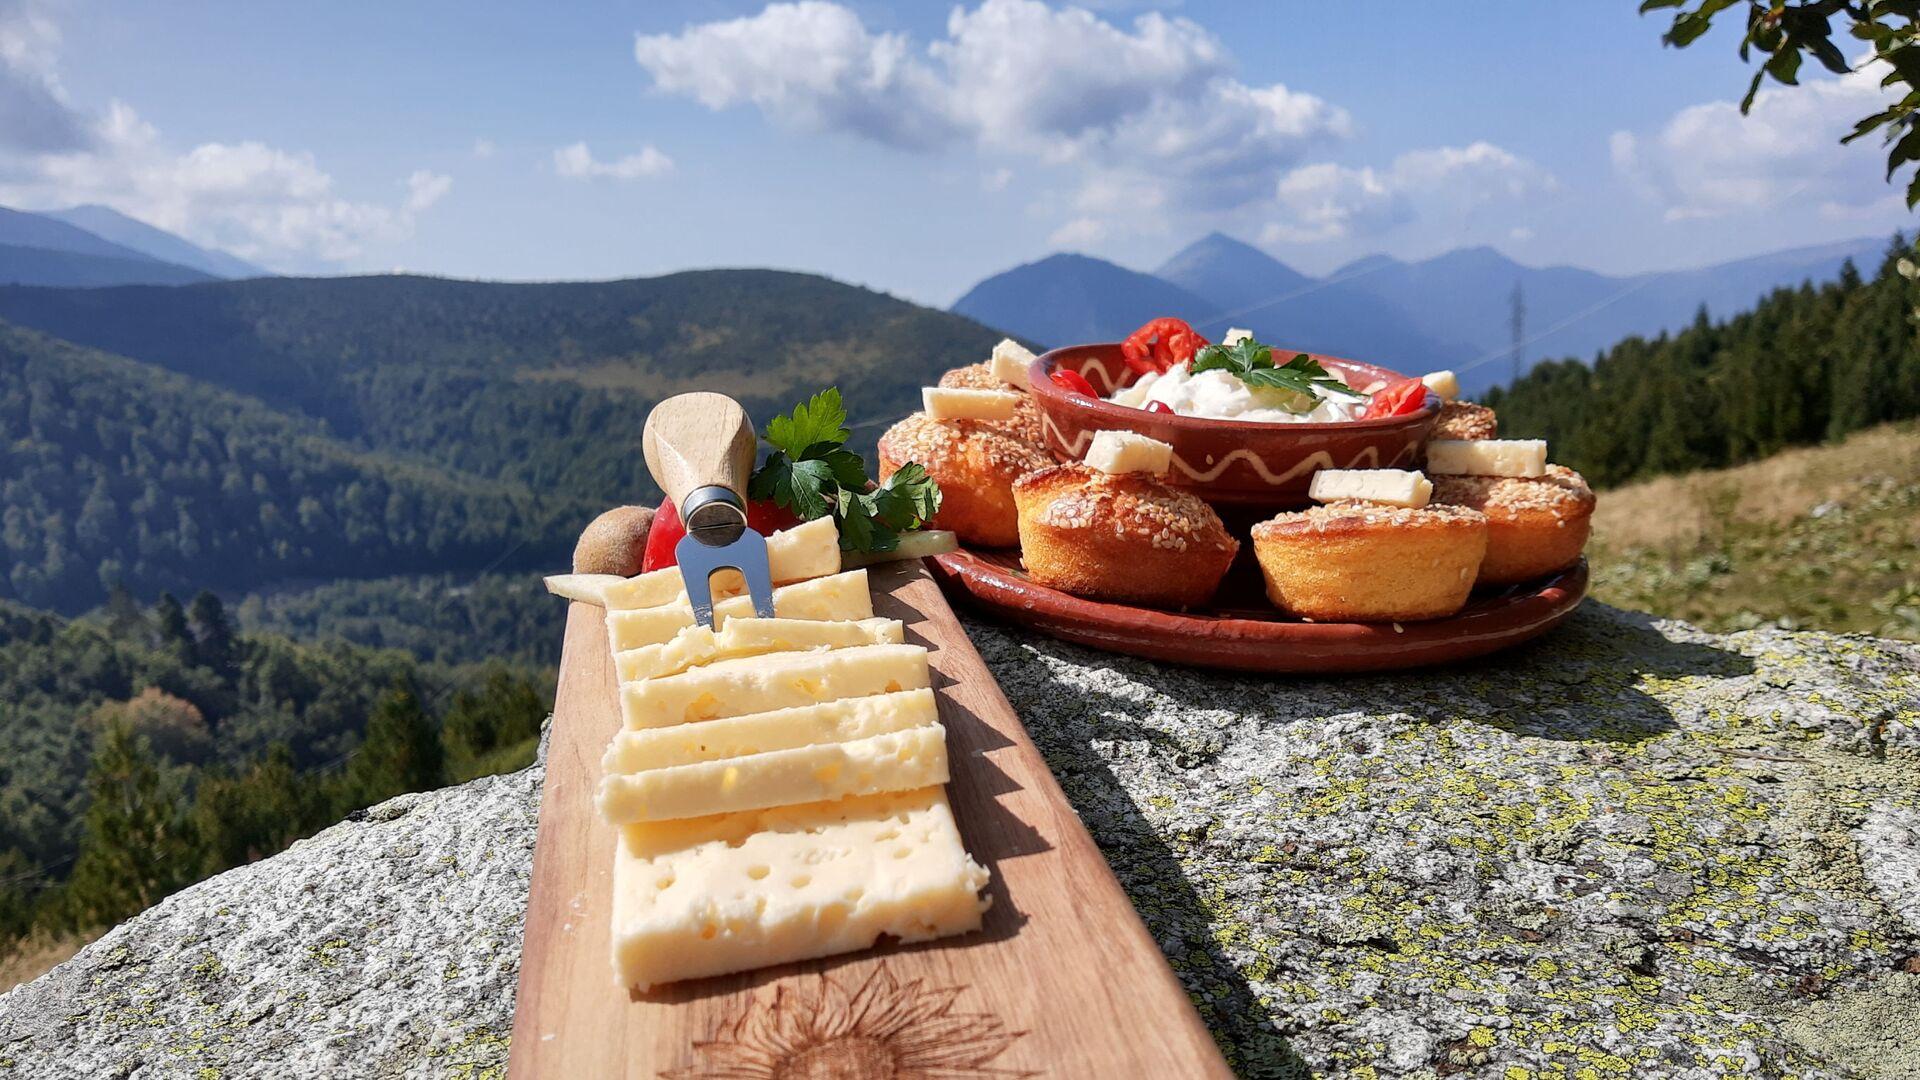 Традиција прављења шарског сира у породици је јако дуга - Sputnik Србија, 1920, 15.03.2021